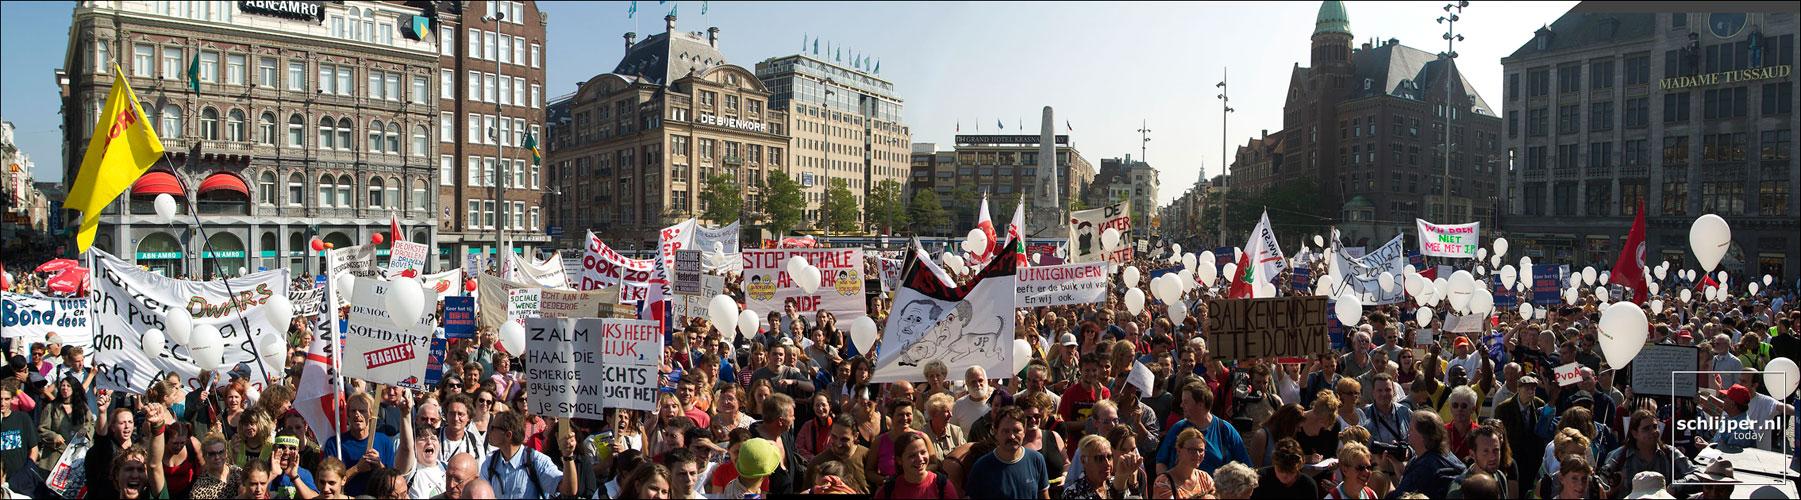 Nederland, Amsterdam, 20 september 2003